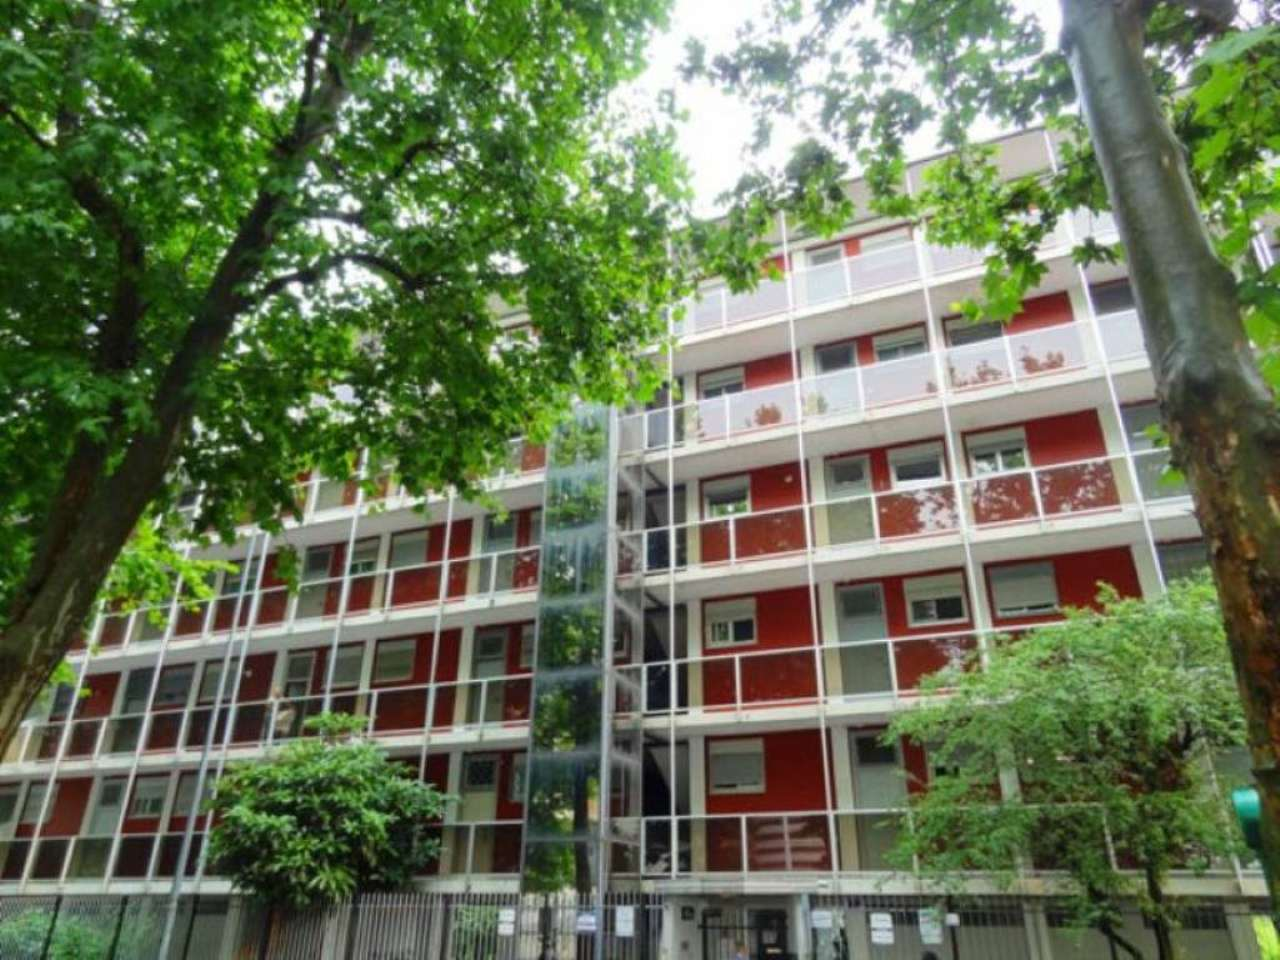 Appartamento in Vendita a Milano 18 Ippodromo / San Siro / Zavattari: 2 locali, 60 mq